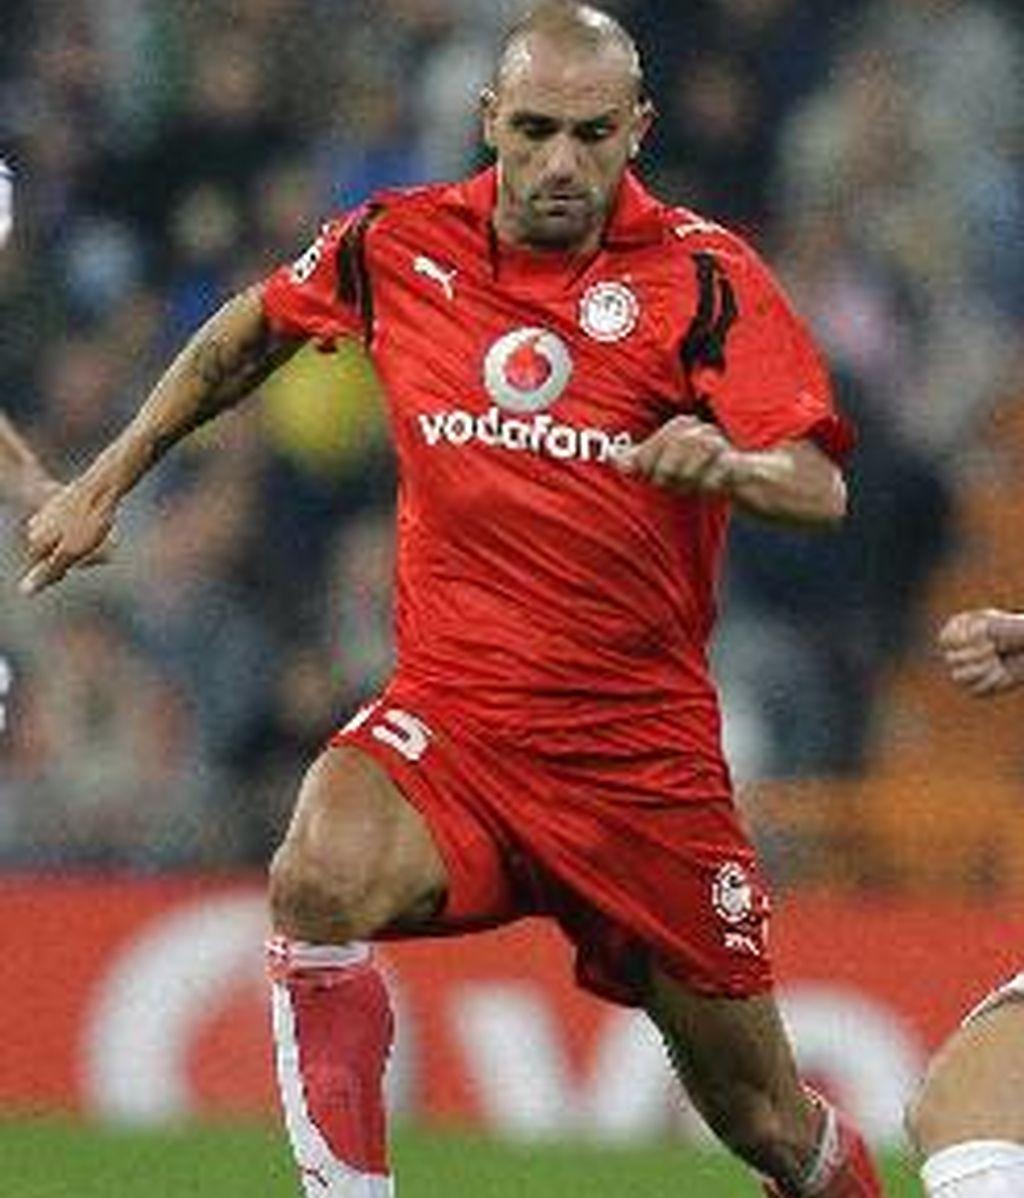 Llegó a jugar con La Roja. Foto: EFE.